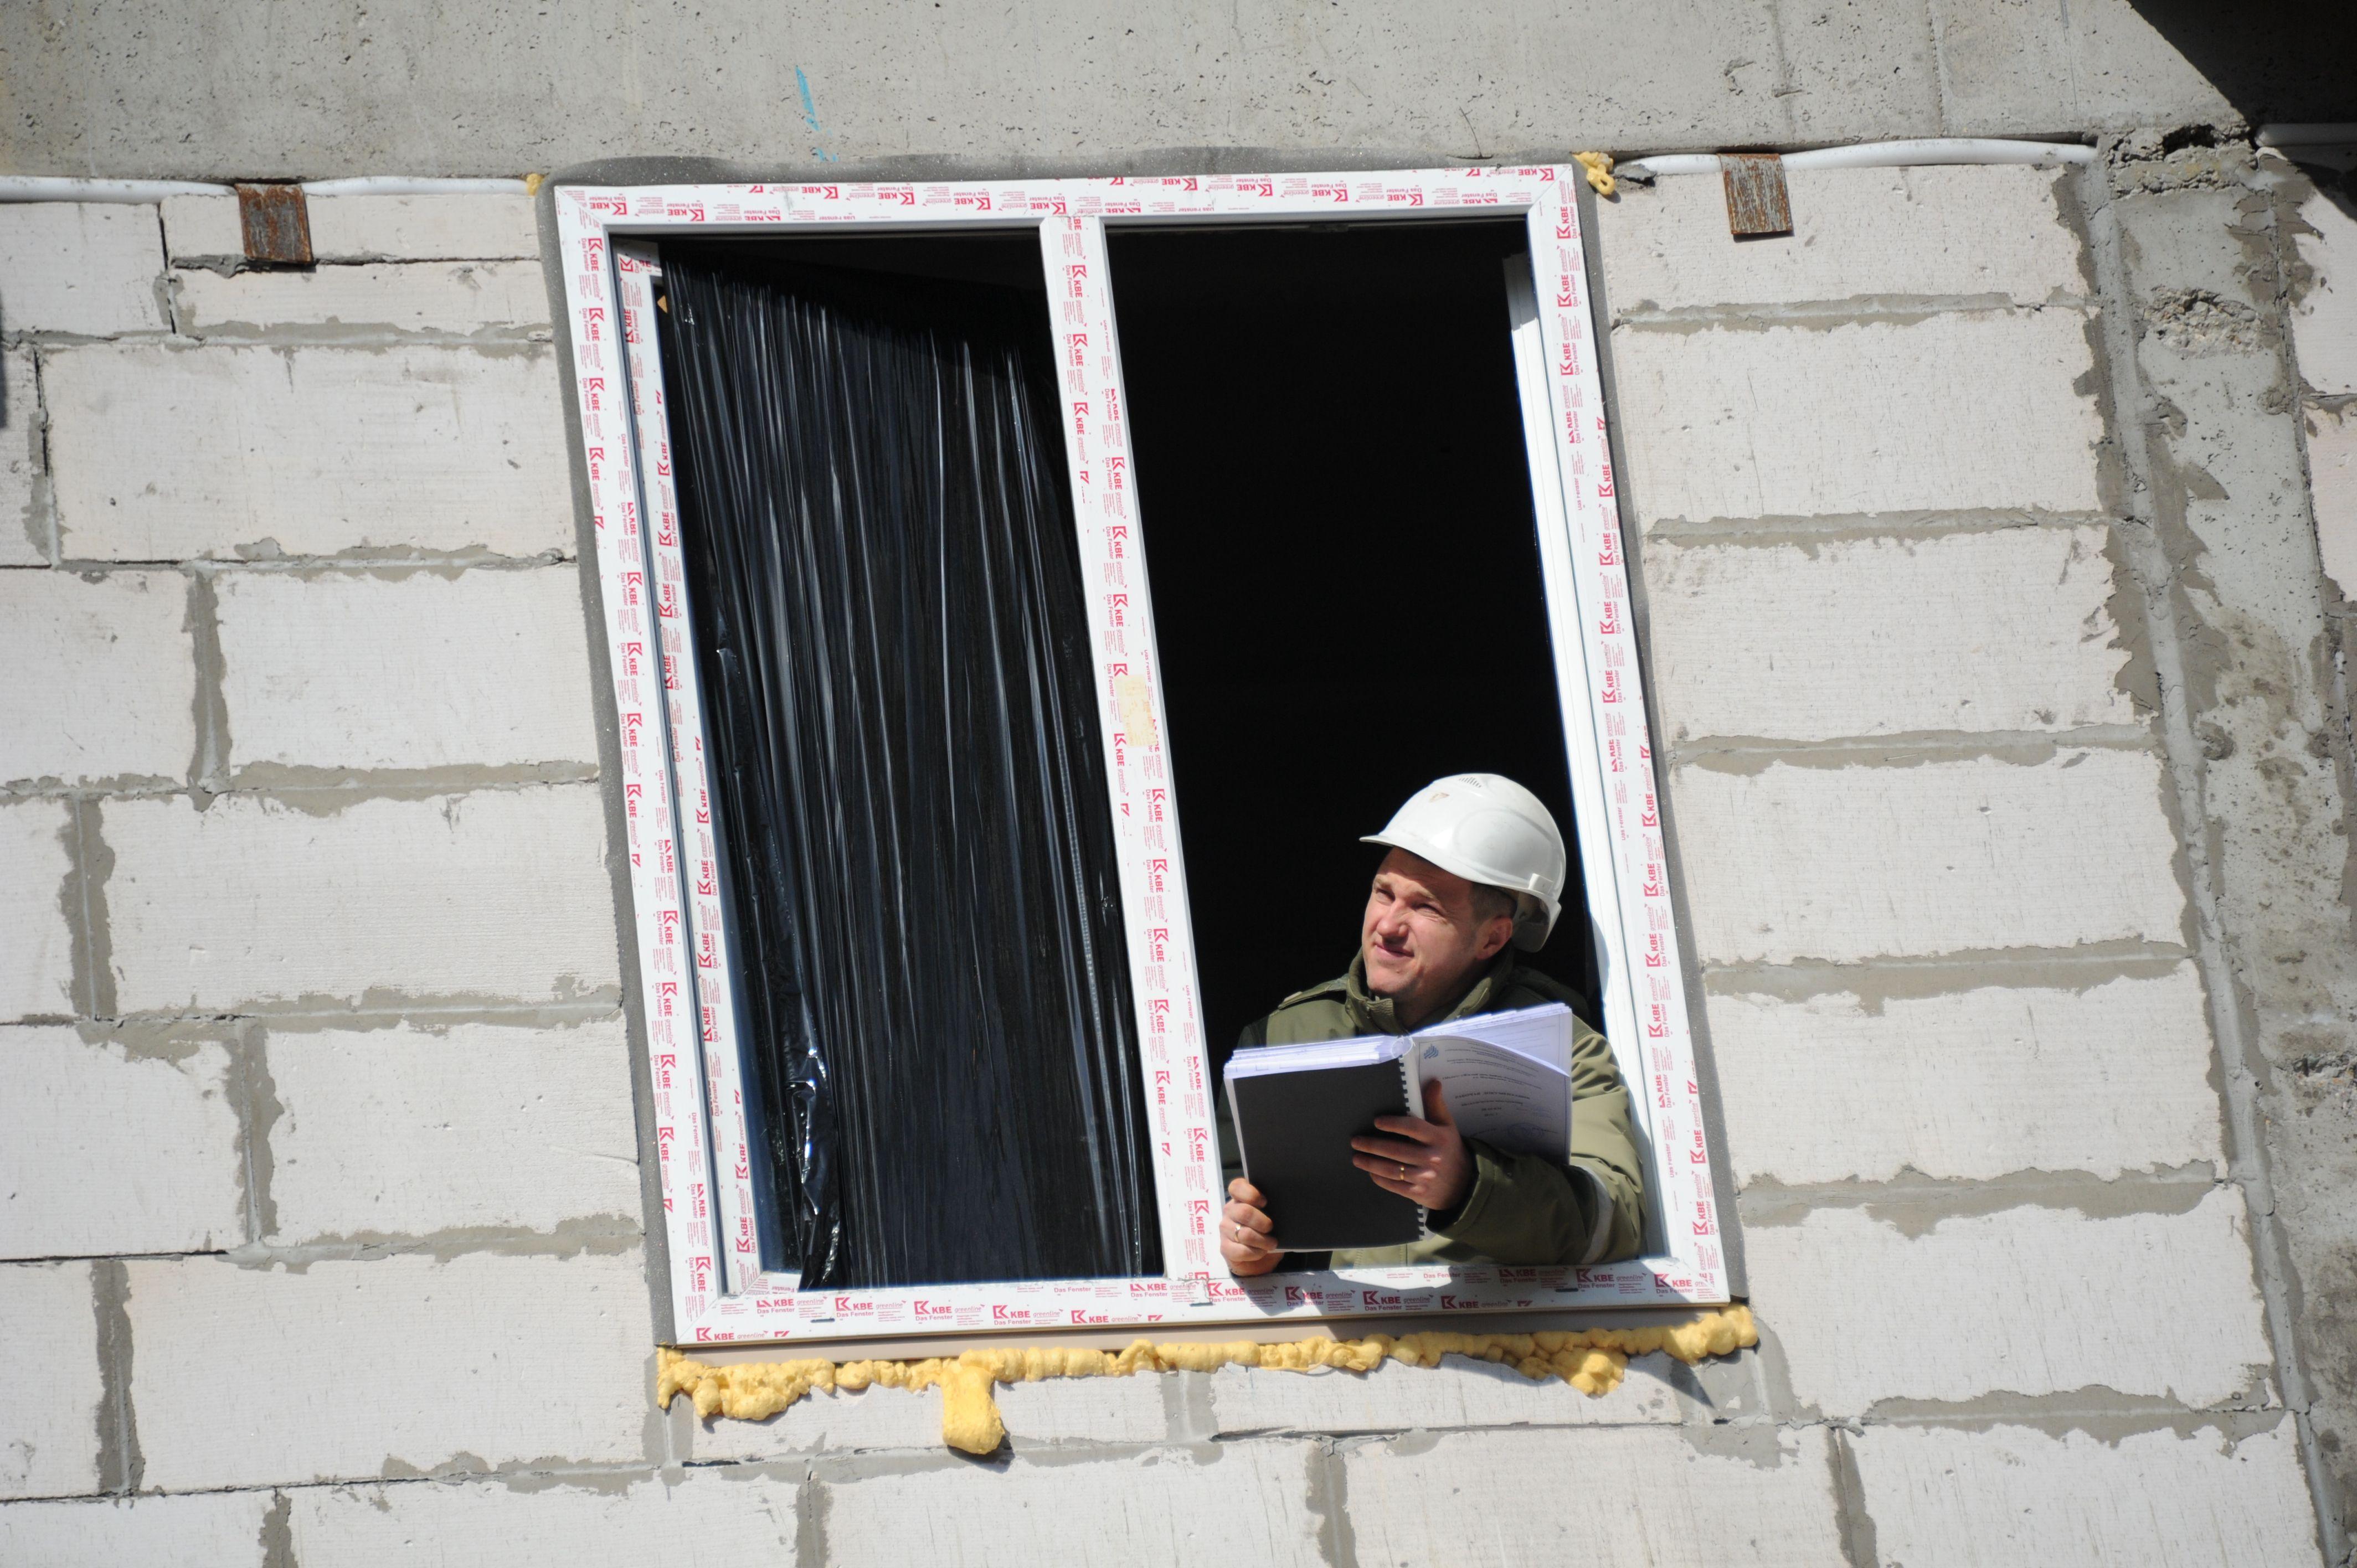 По просьбам жителей в Митине построят поликлинику, школу и детский сад. Фото: архив